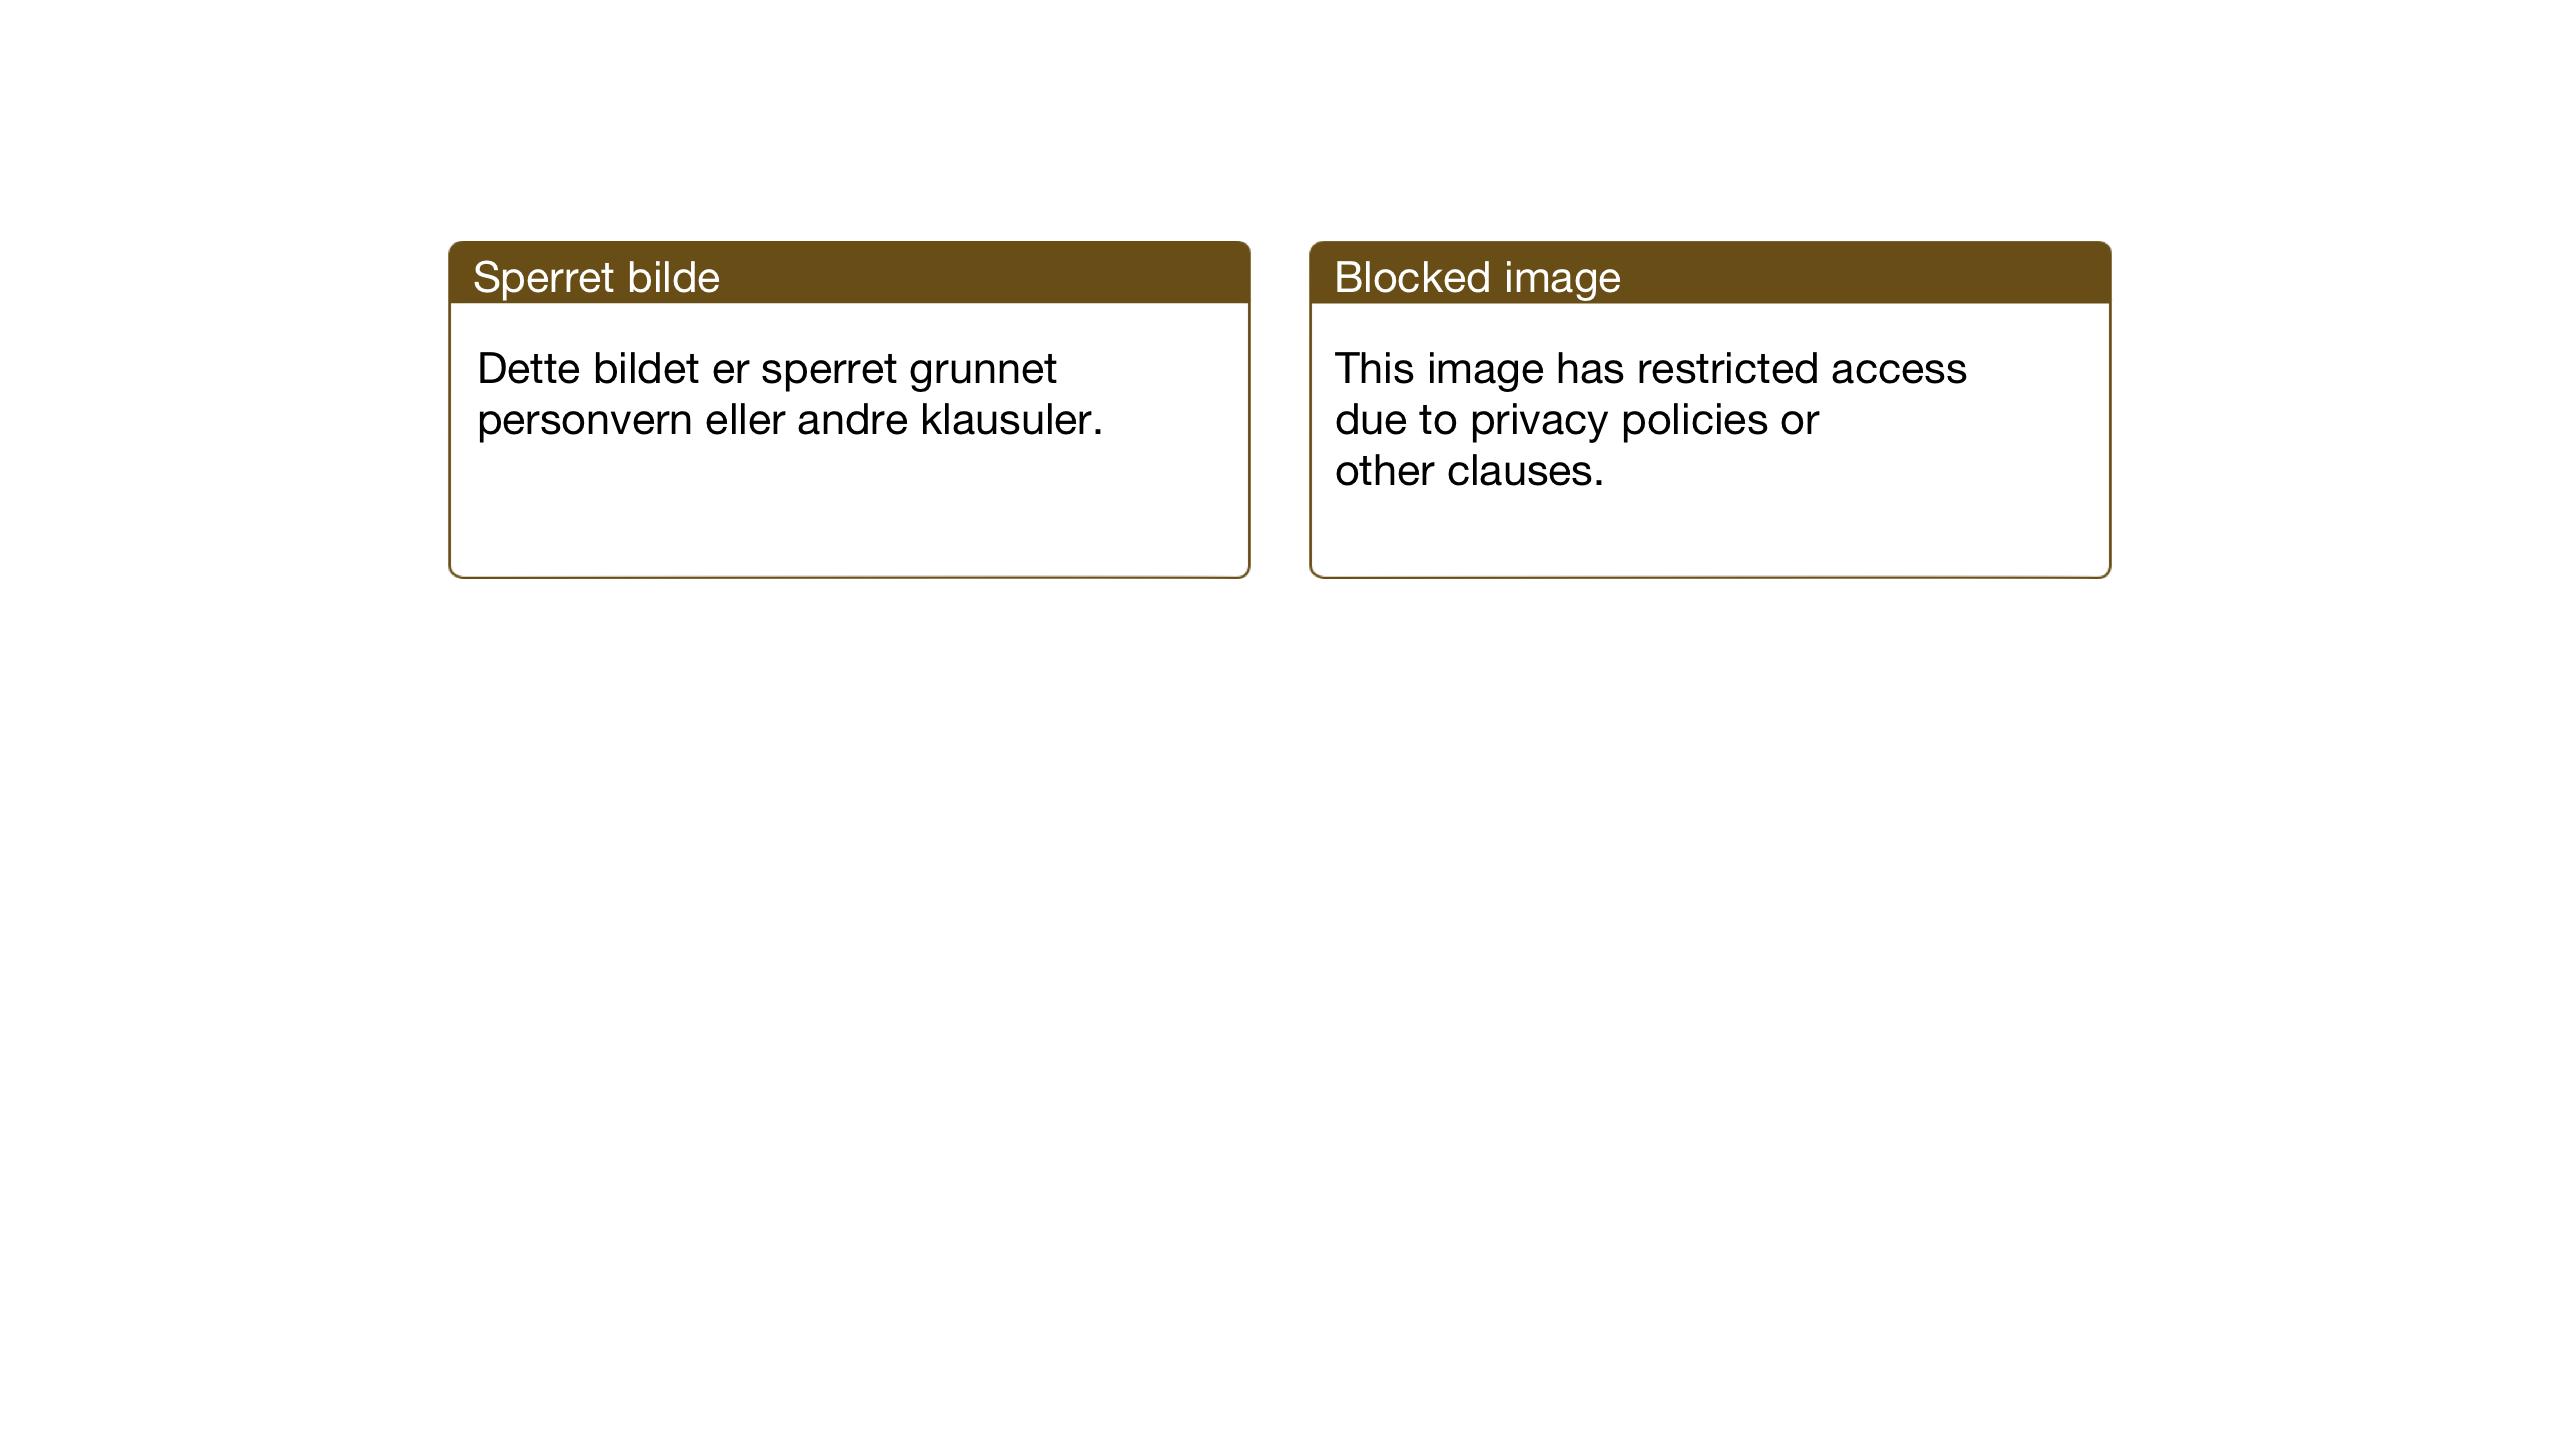 SAT, Ministerialprotokoller, klokkerbøker og fødselsregistre - Sør-Trøndelag, 602/L0153: Klokkerbok nr. 602C21, 1940-1949, s. 42